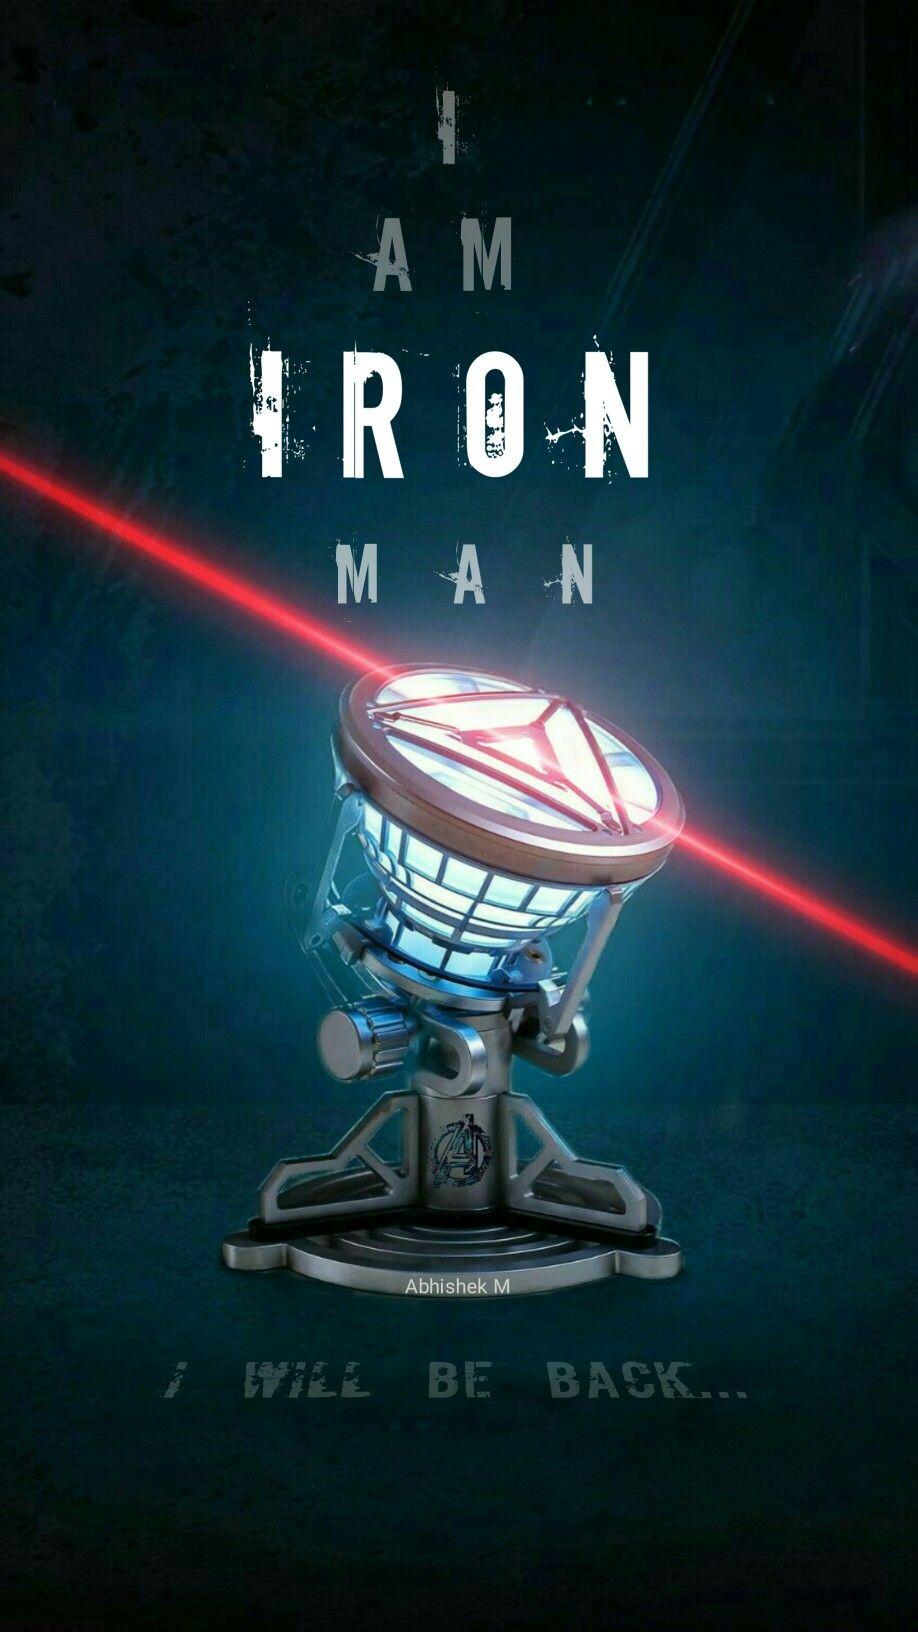 Iron Man Endgame Wallpaper 4k Hd Iron Man Iron Man Wallpaper Iron Man Art Marvel Iron Man